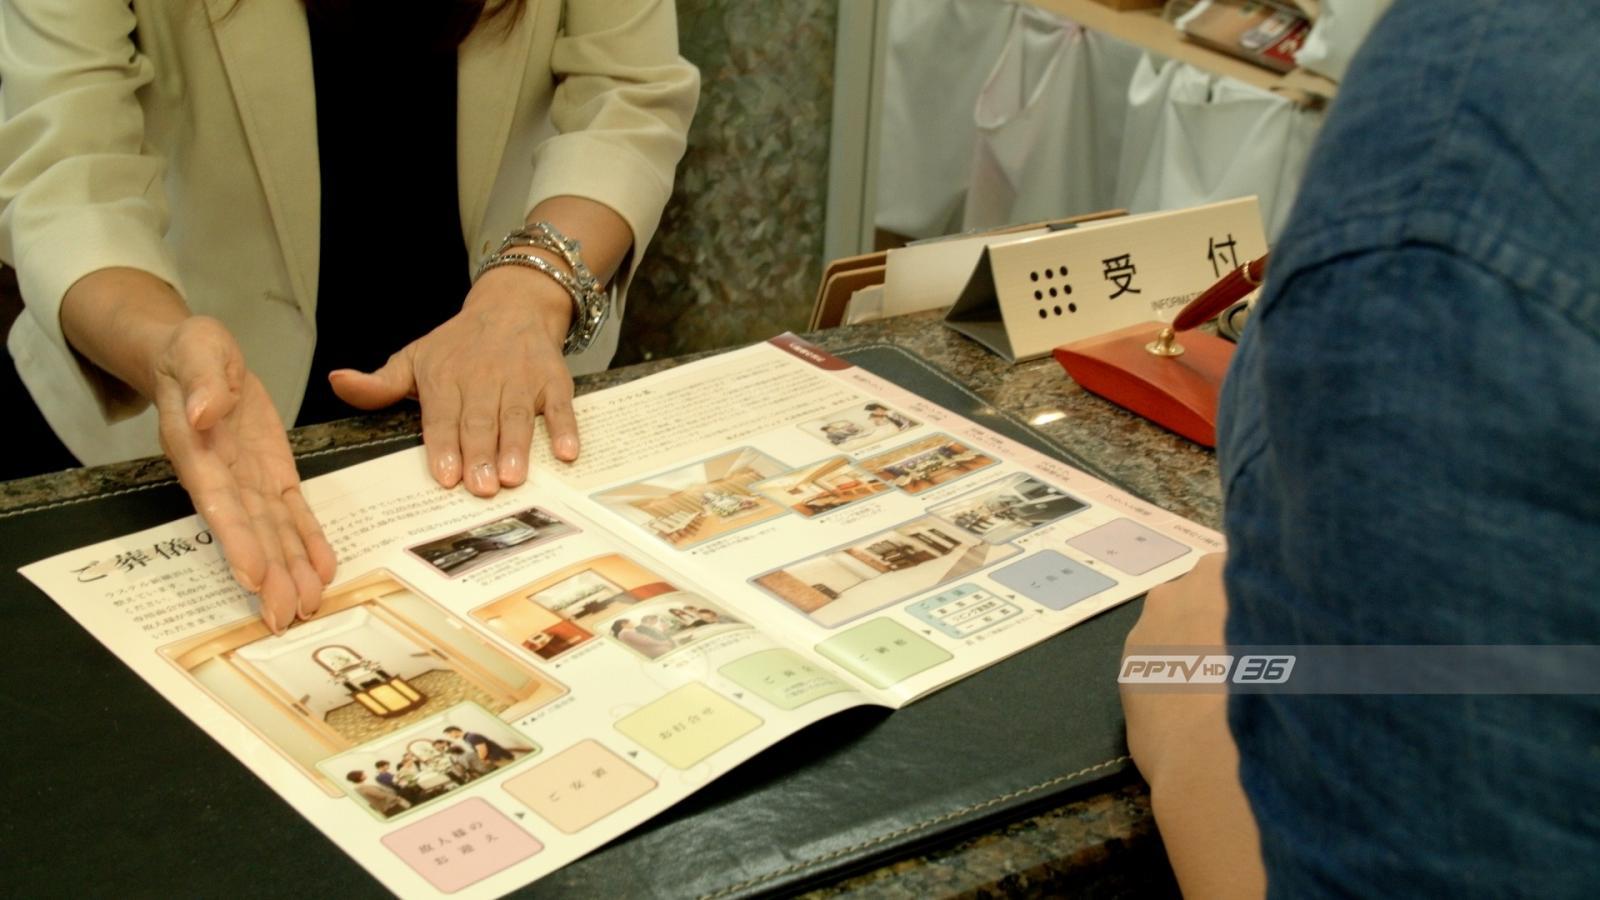 ธุรกิจงานศพญี่ปุ่นเฟื่องฟู รับสังคมสูงวัย -ภาวะเครียดจากงาน